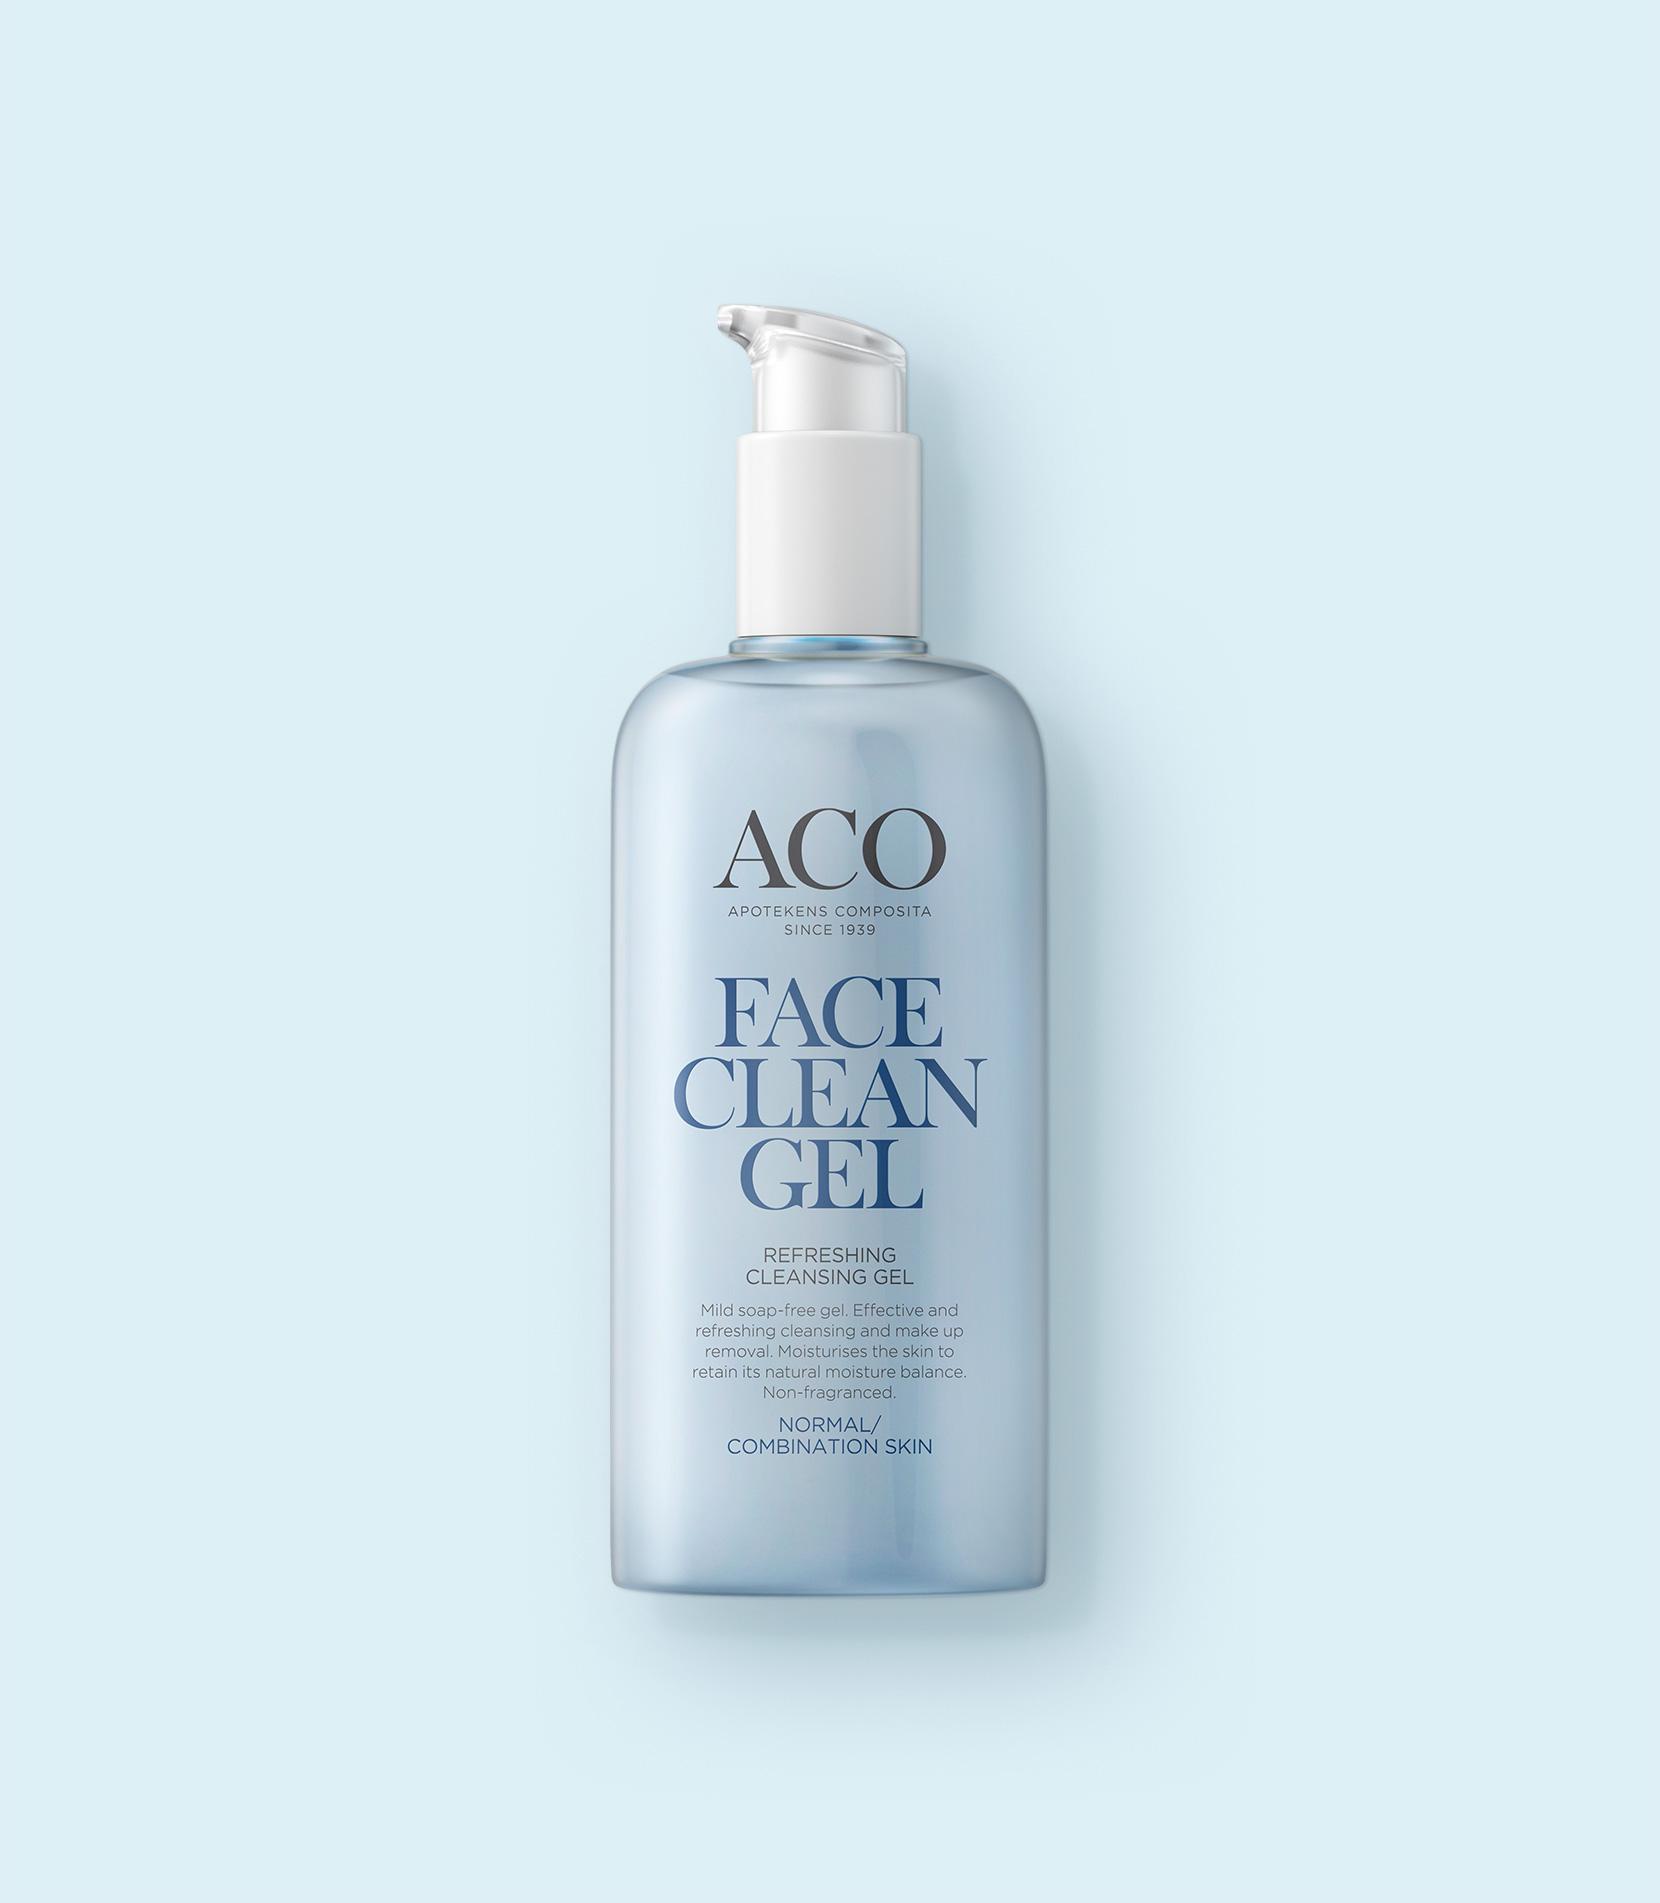 aco face cleansing gel